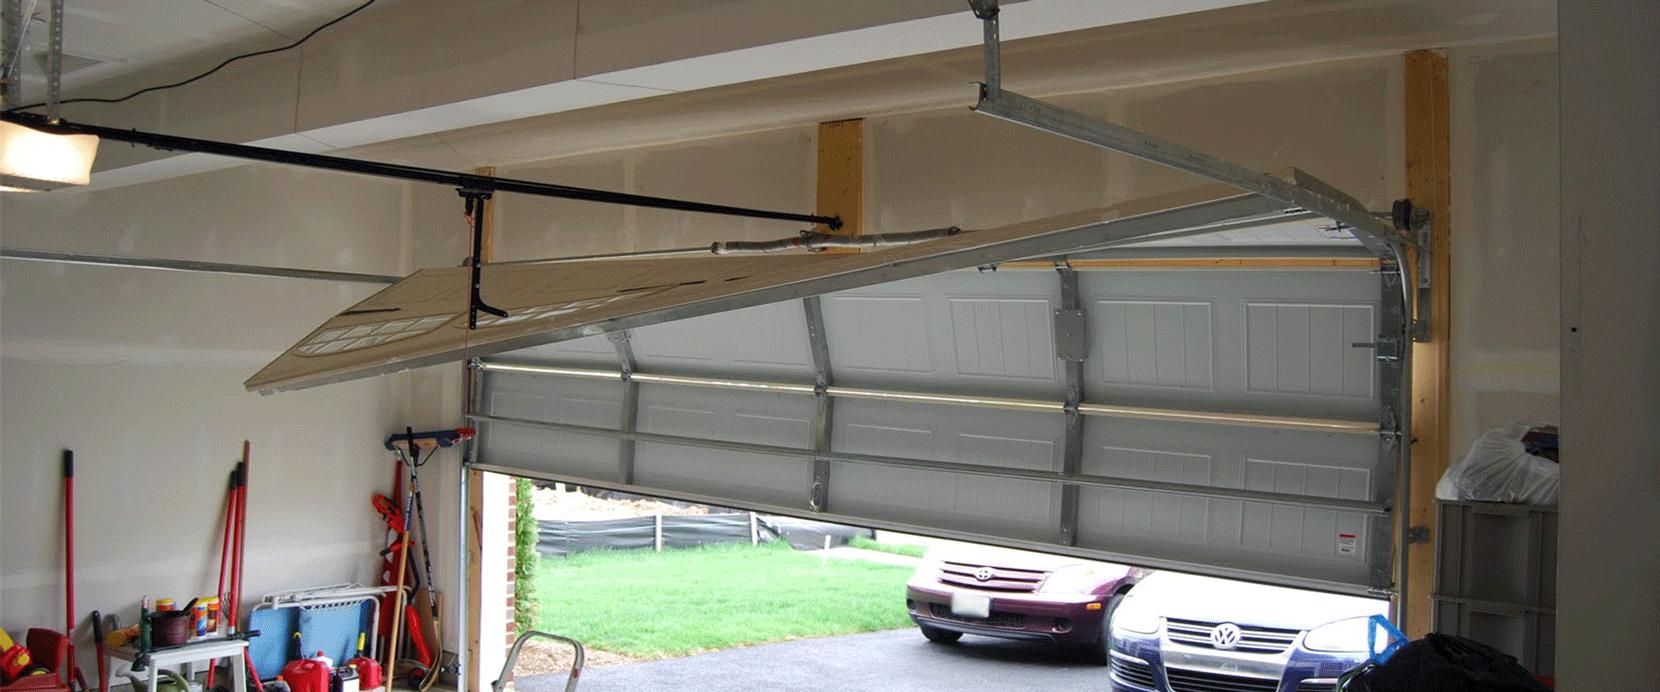 Garage Door garage door repair woodland hills images : Garage Door Repairs All 818 - Garage doors / Repairs (818)